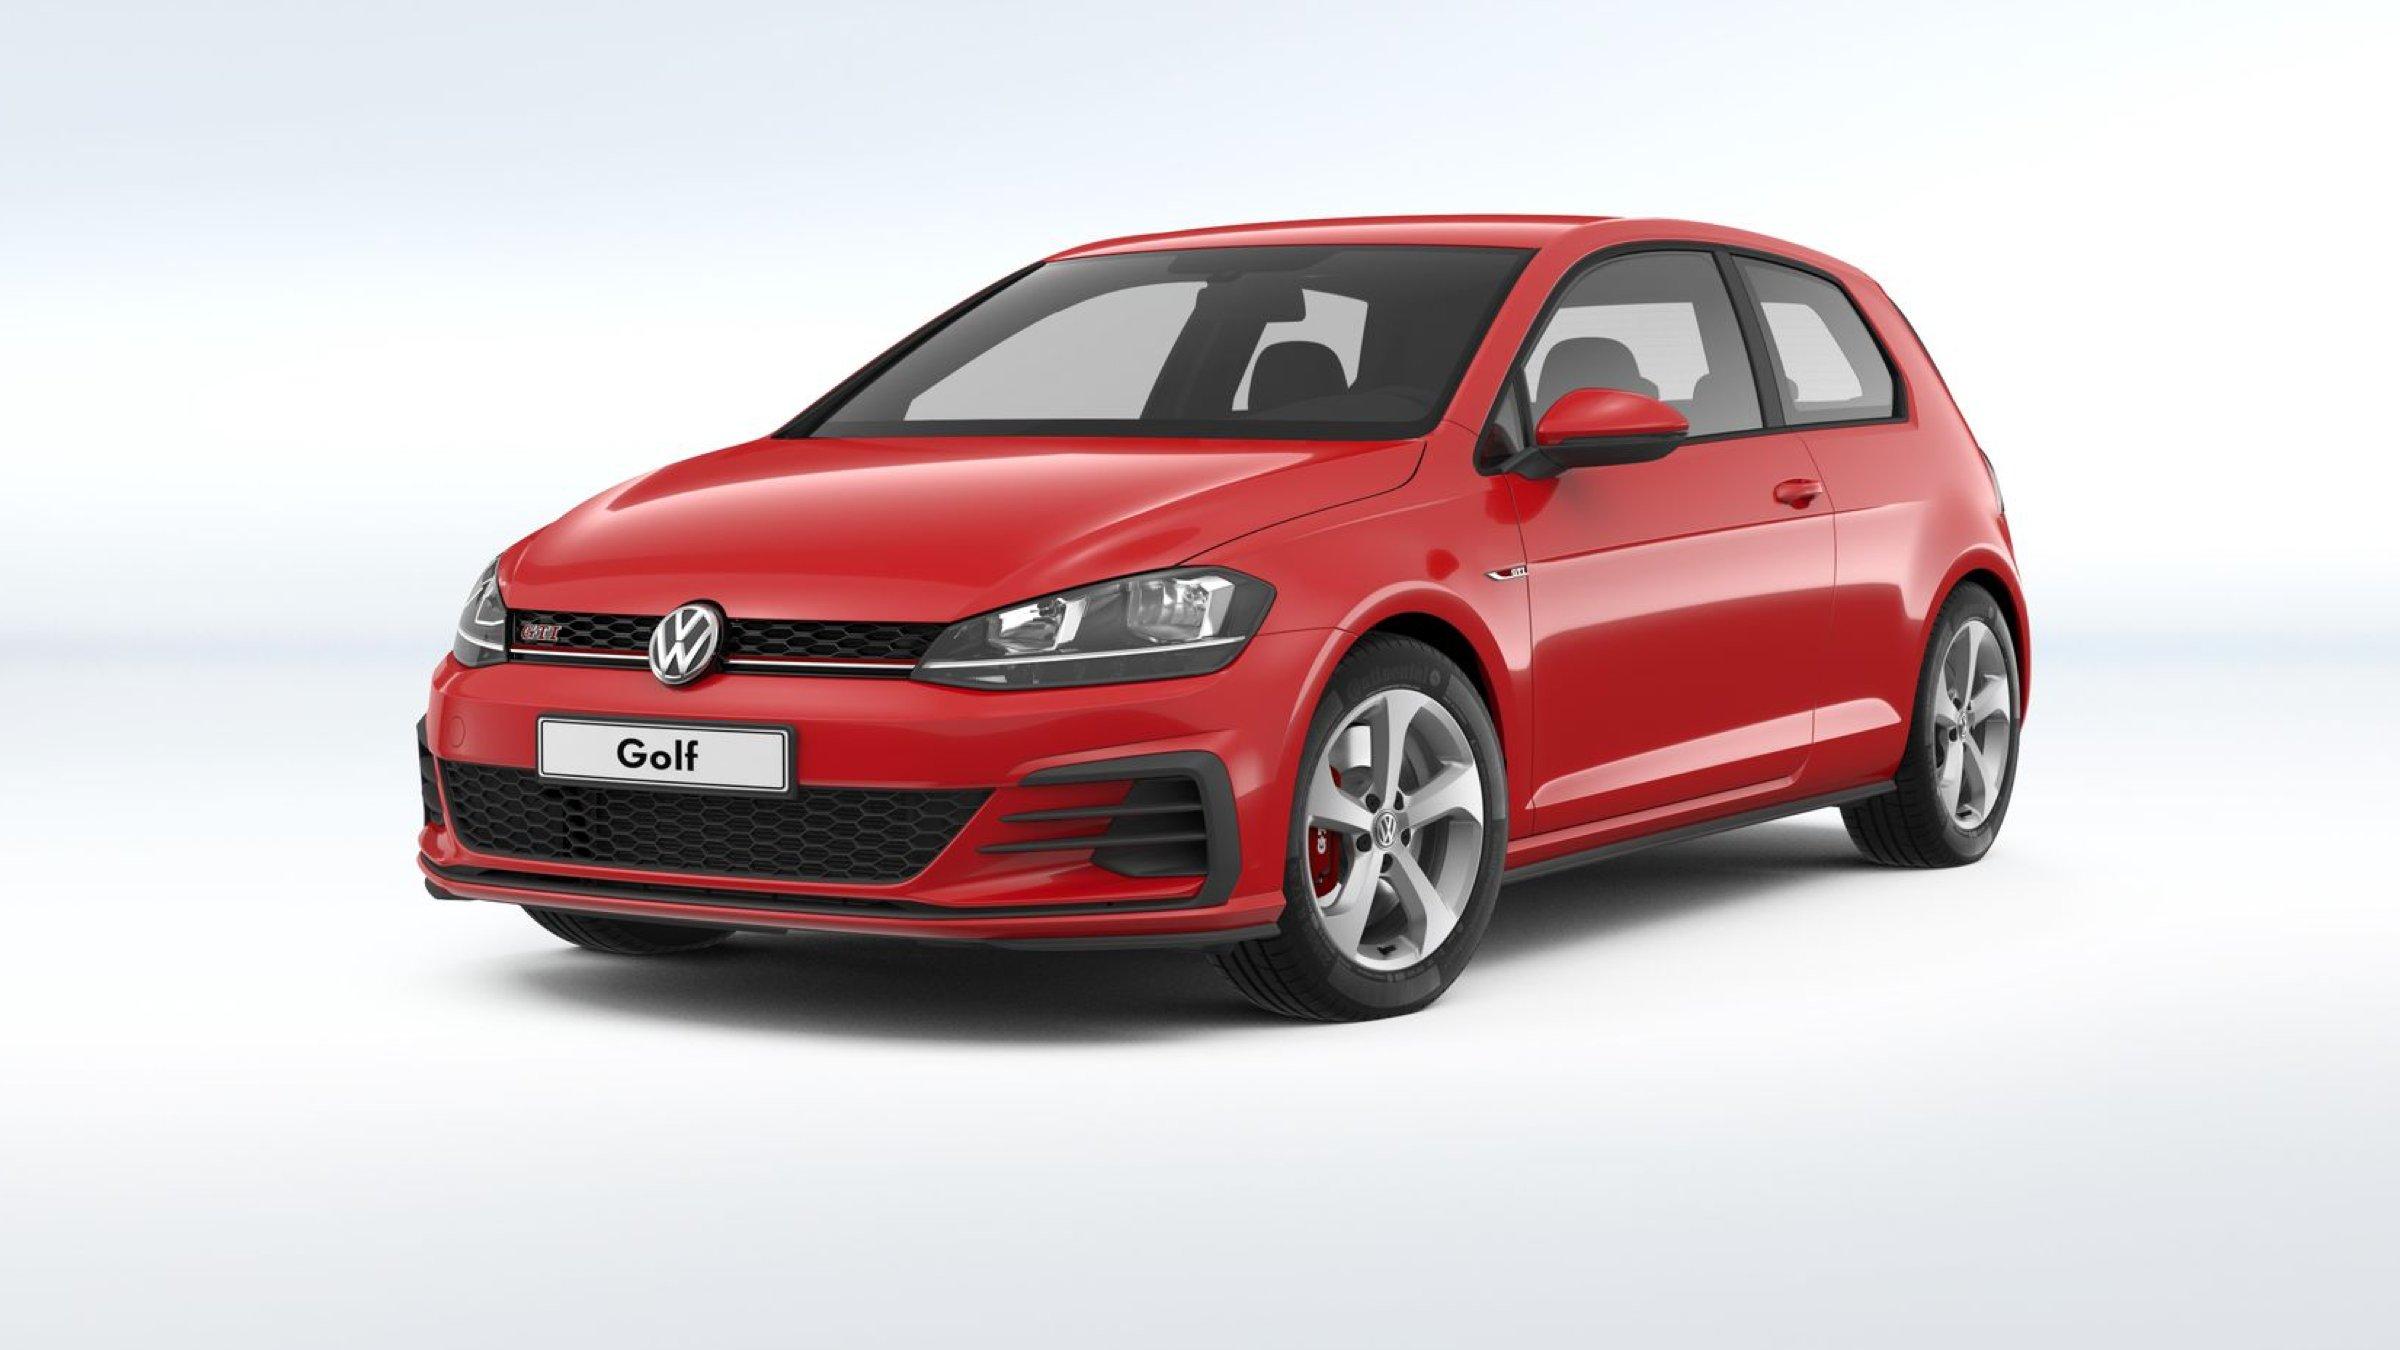 Volkswagen Golf Gti Perfectie Tot In Detail Volkswagen